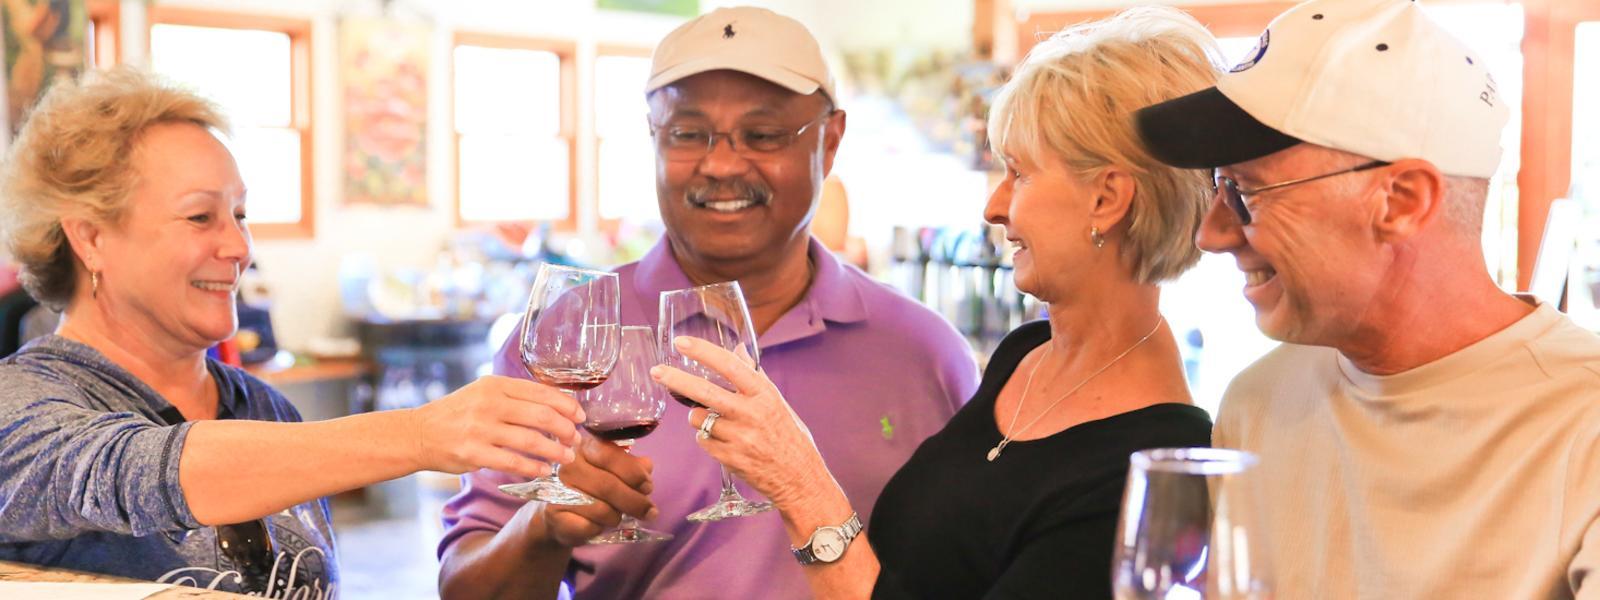 Wine Tasting at Harmony Cellars